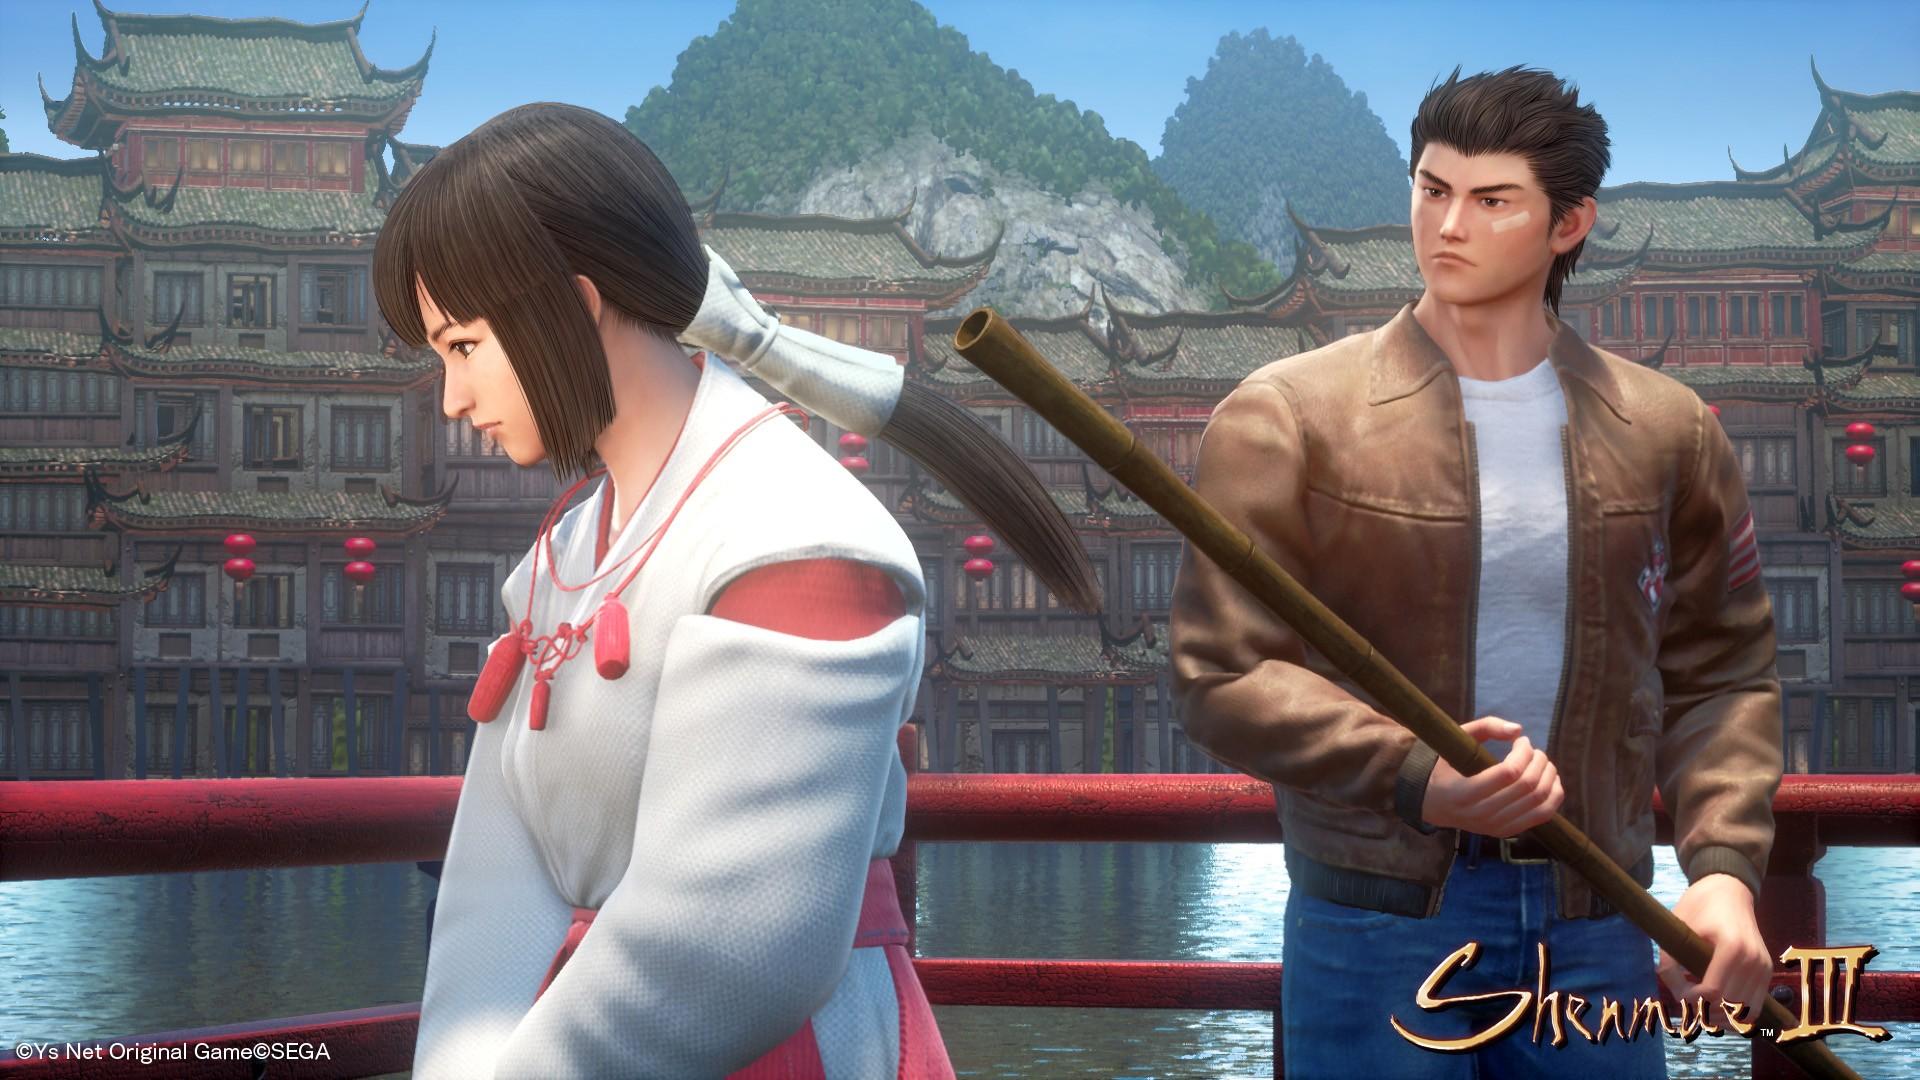 《莎木3》中文剧情流程攻略 莎木三部曲中文剧情流程